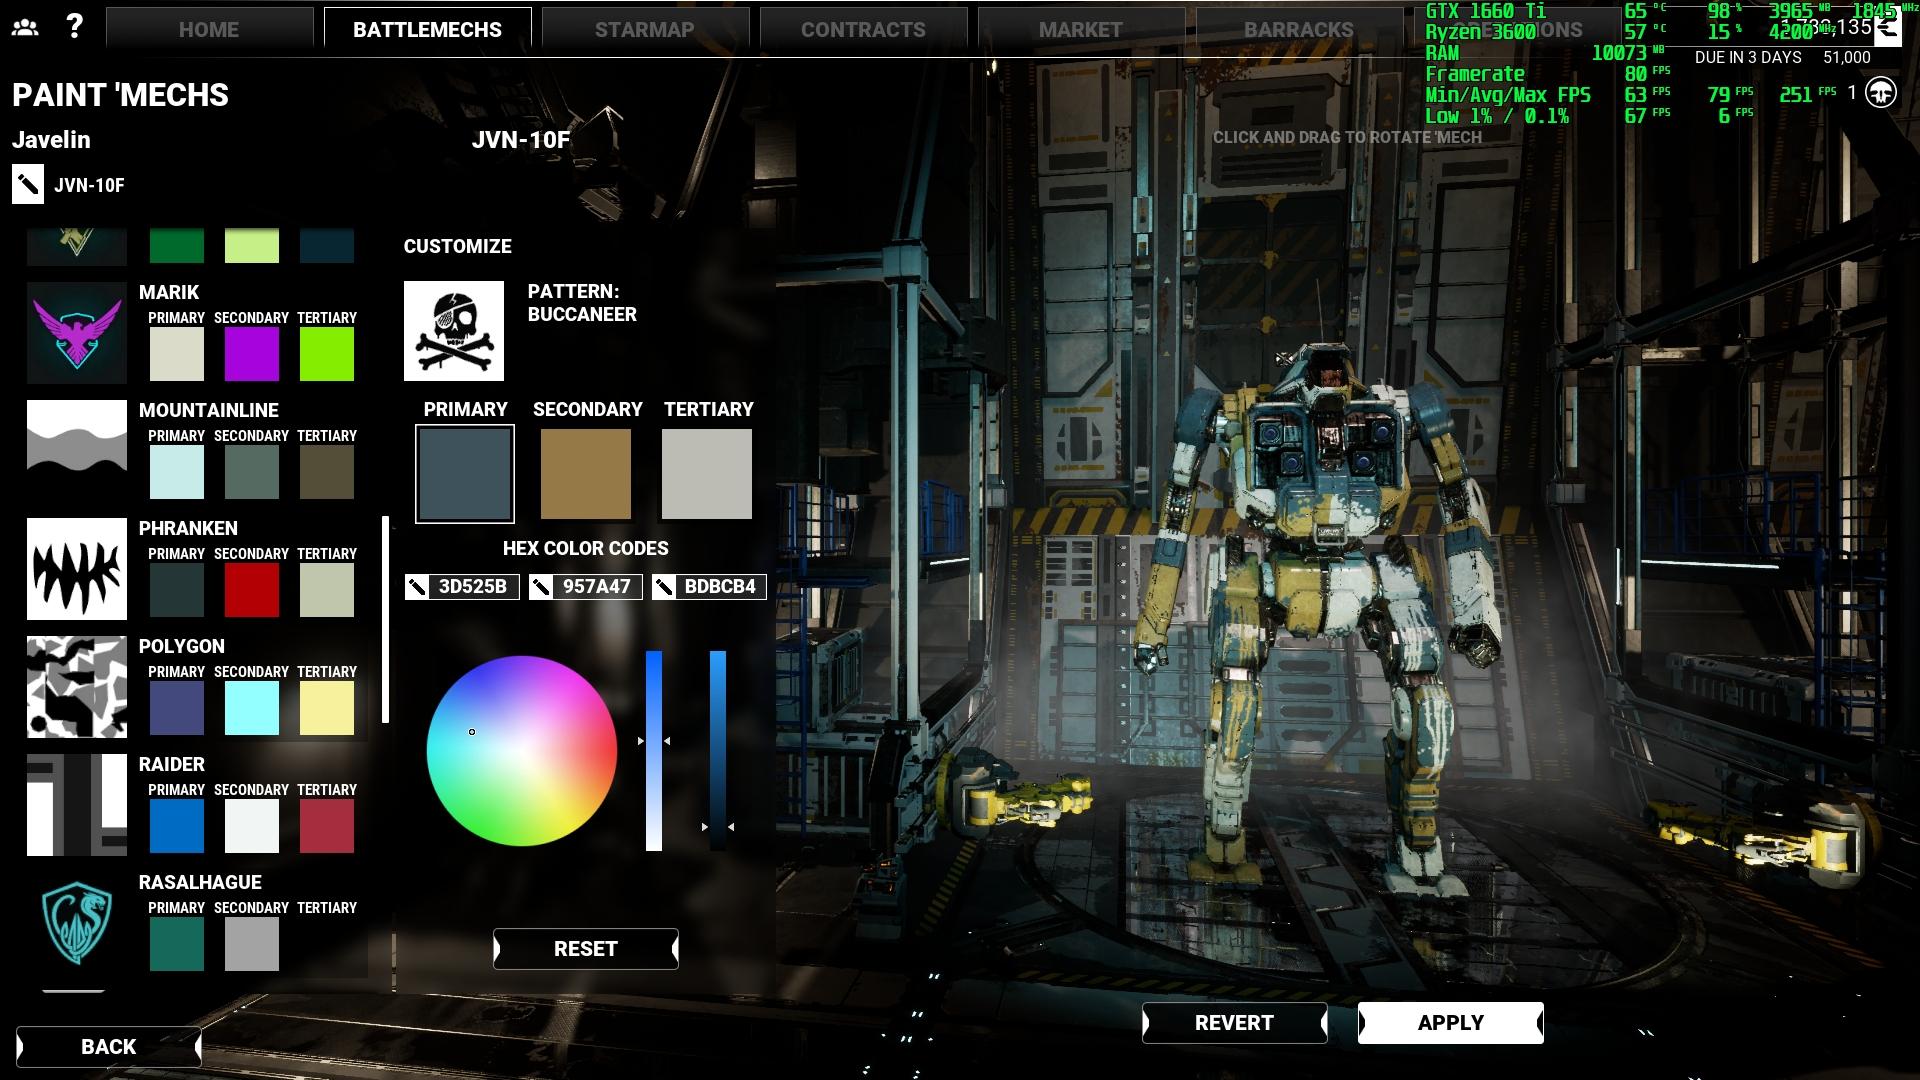 MechWarrior-Win64-Shipping_2019_12_11_00_04_00_835.jpg